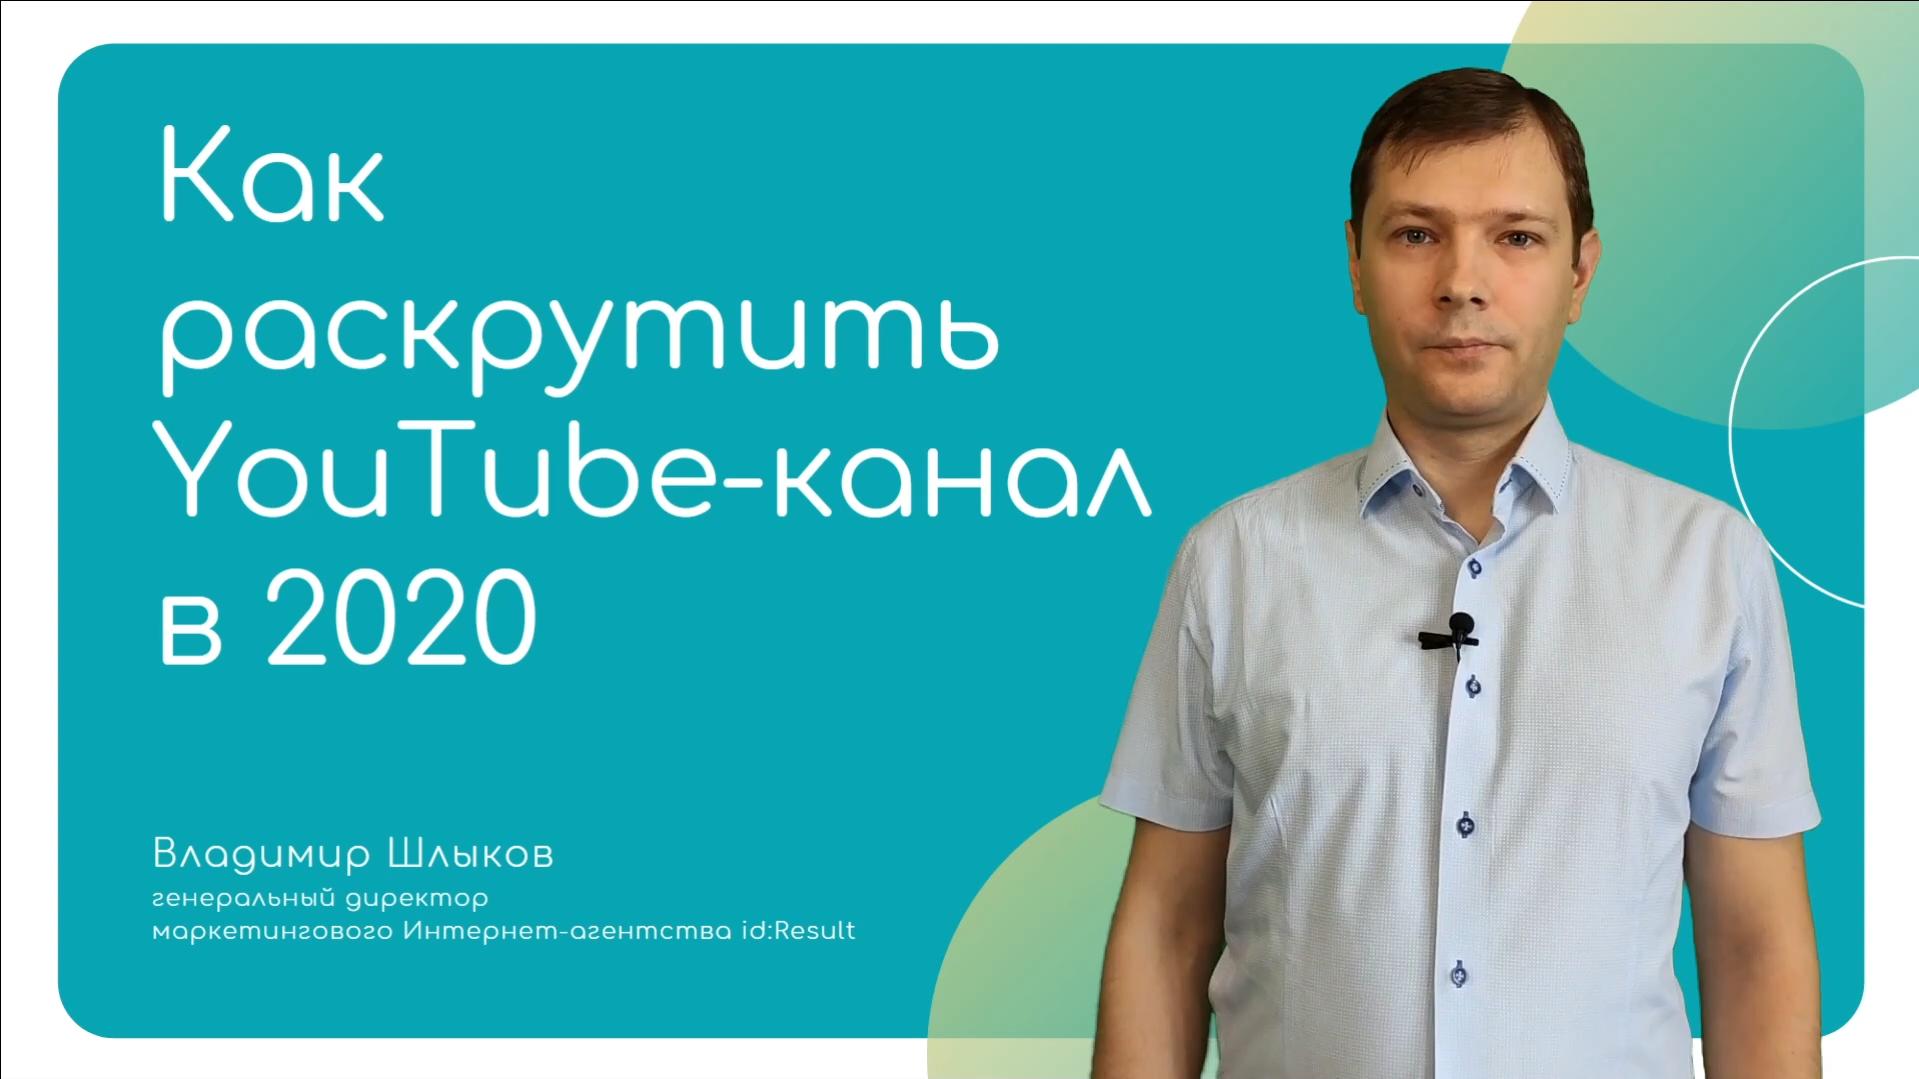 Как раскрутить Ютуб-канал в 2020 году